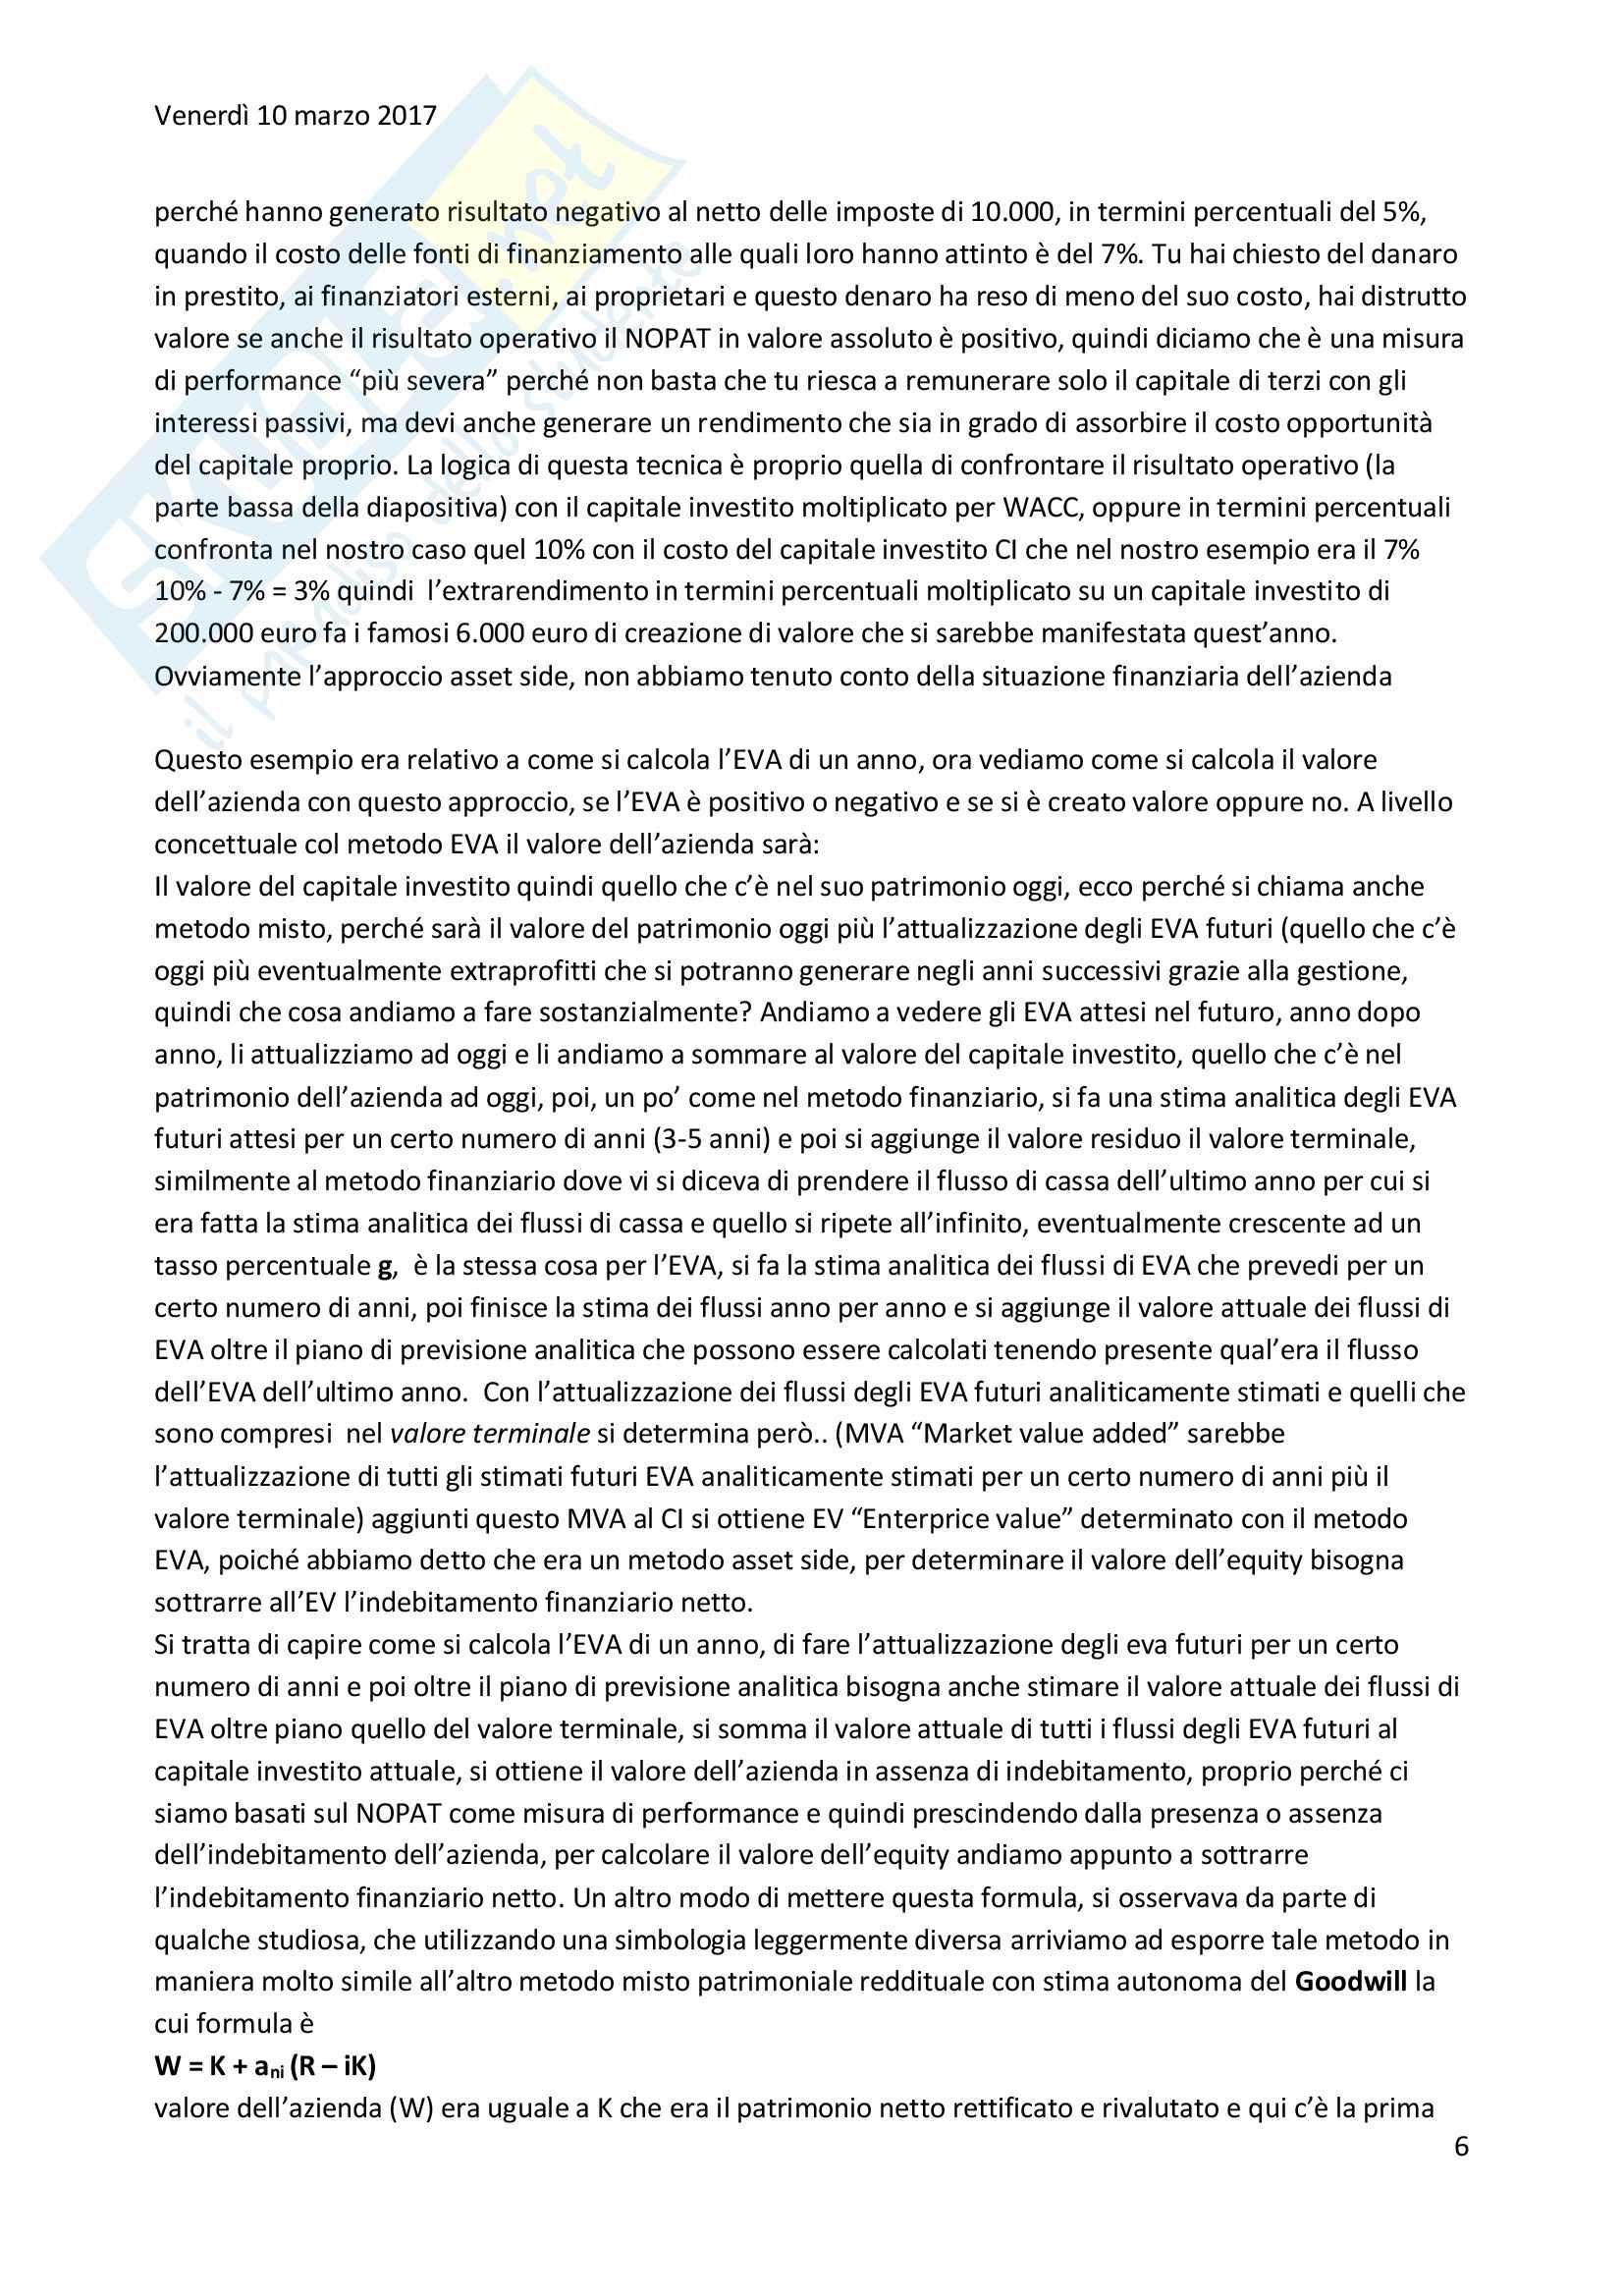 Tecnica professinale:Metodo dei multipli e metodo EVA Pag. 6